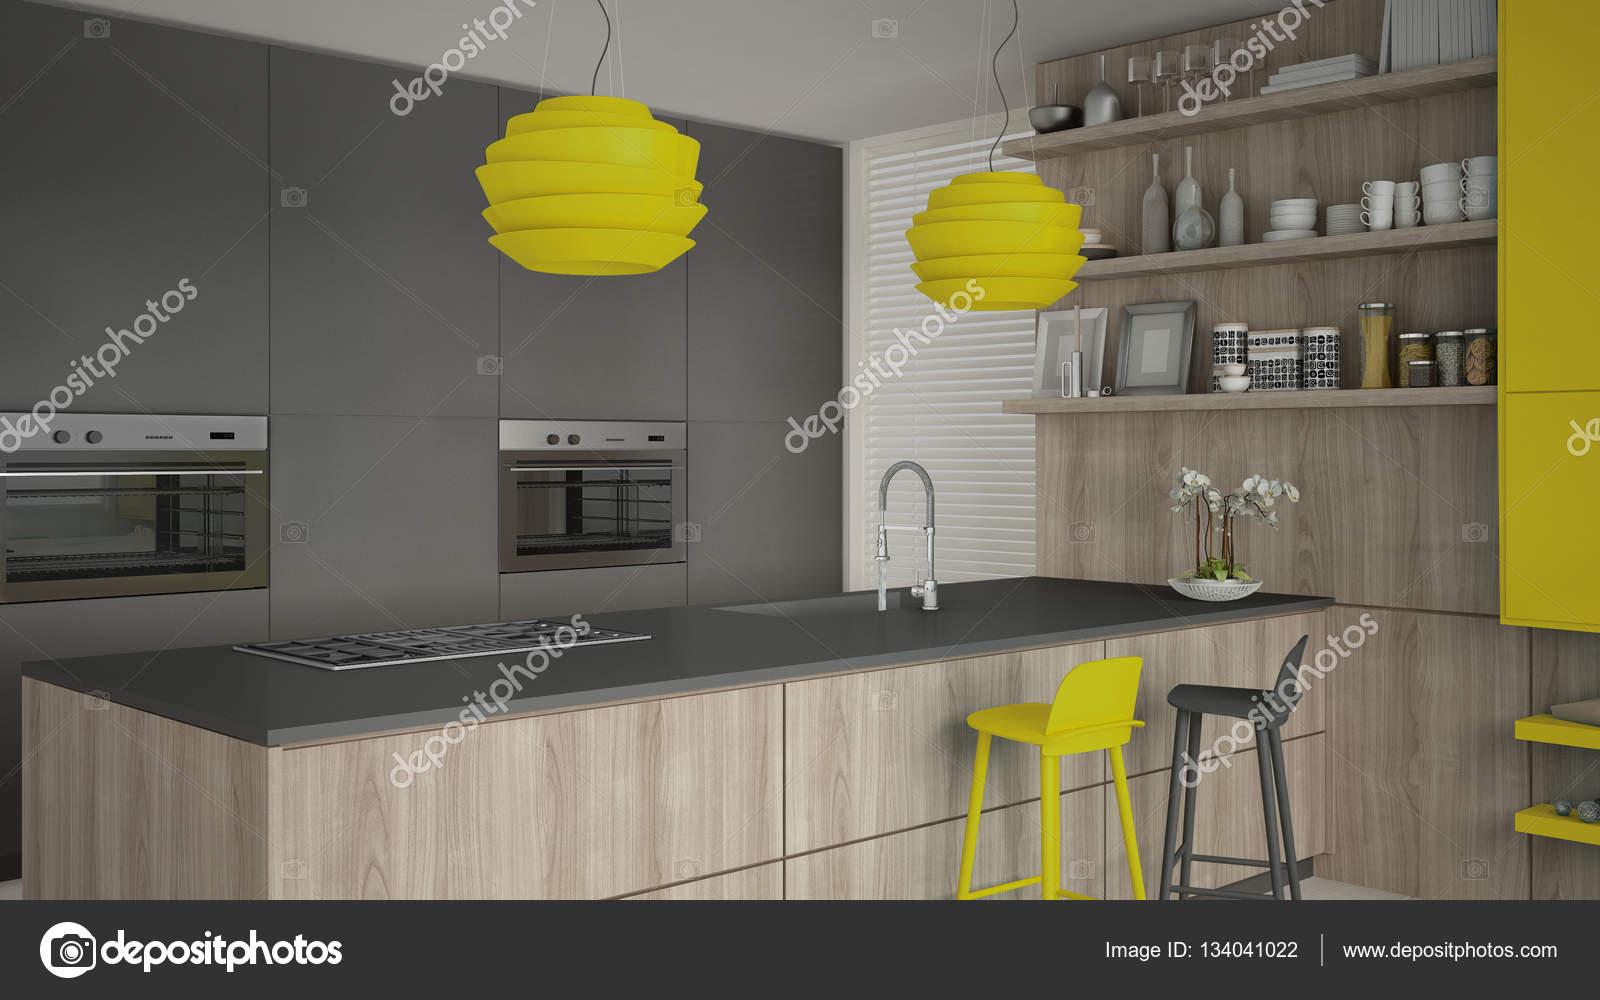 Grey Keuken Houten : Minimalistisch grijze keuken met houten en gele details minima